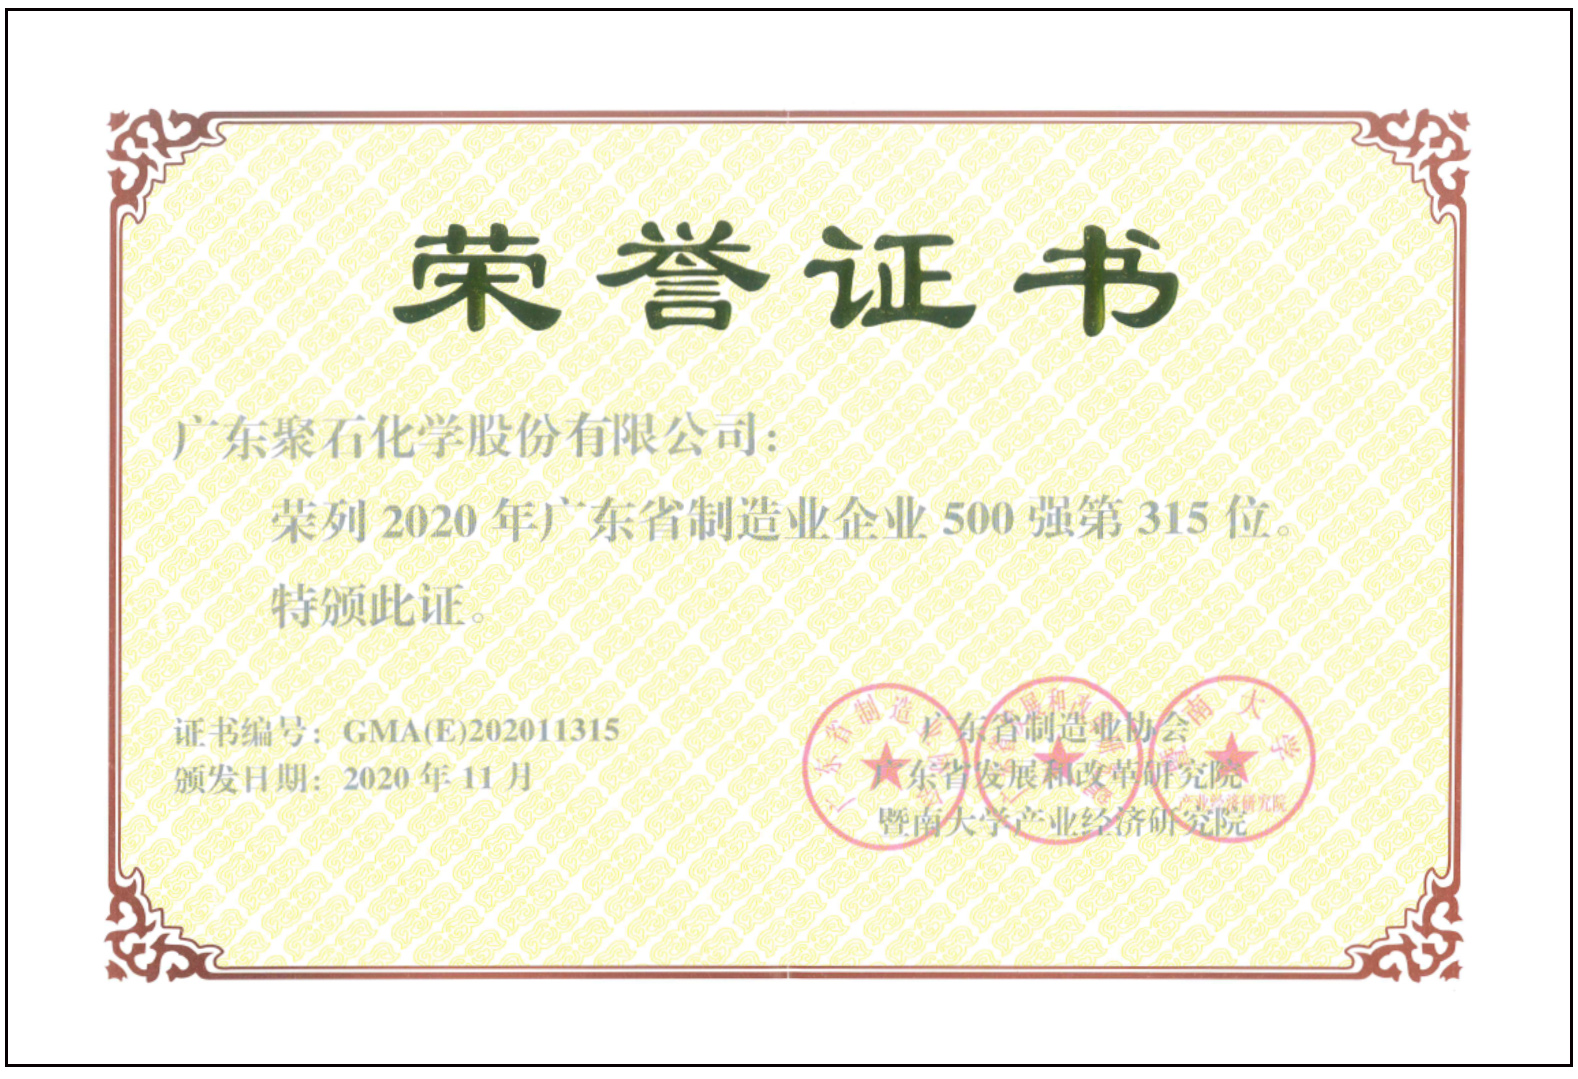 聚石化学-广东制造500强证书